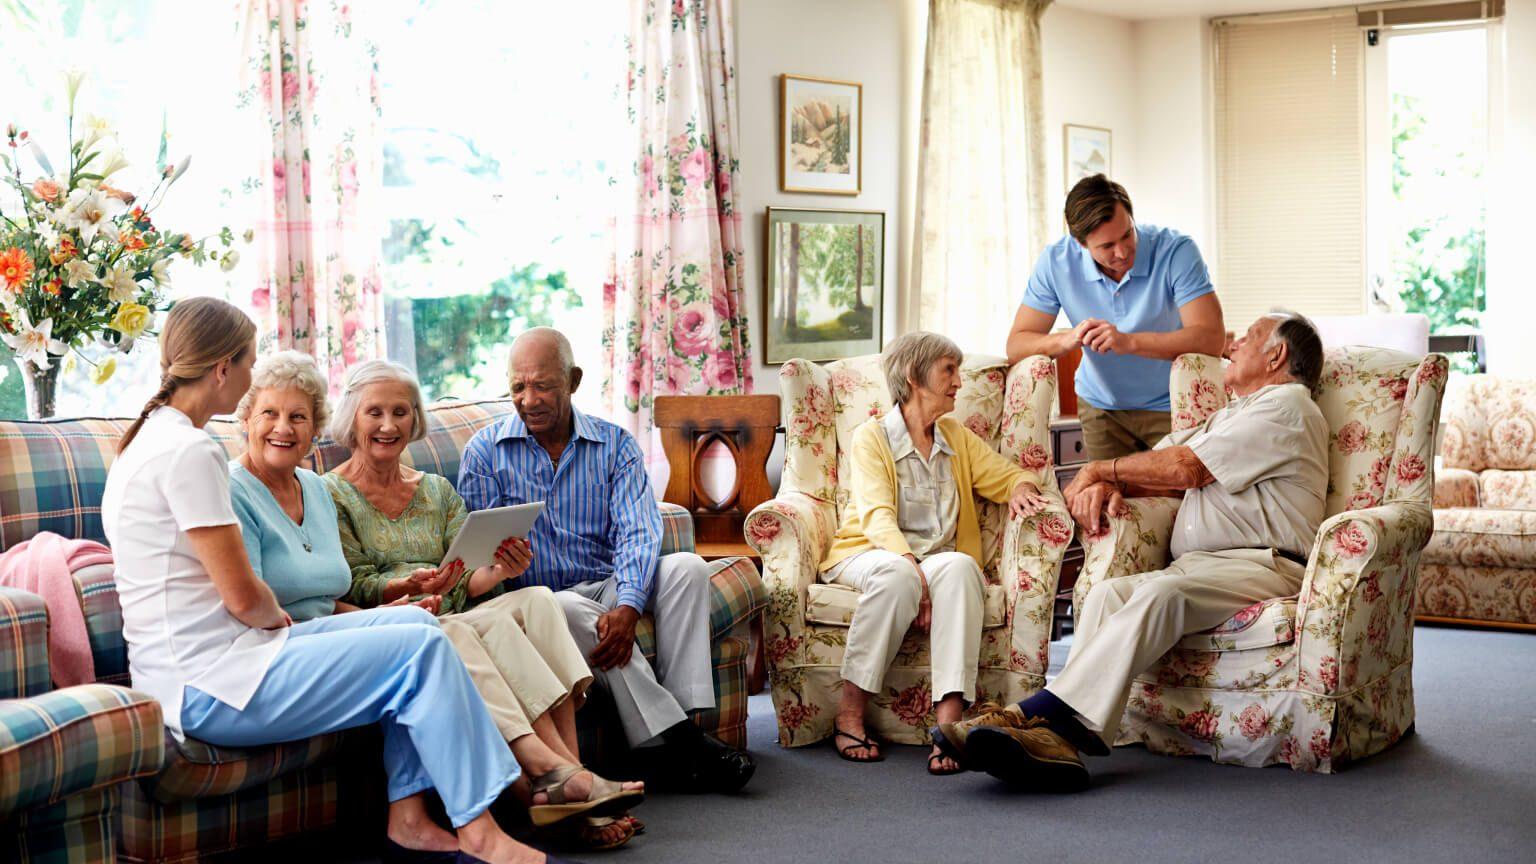 Seniors having fun in a senior aged home